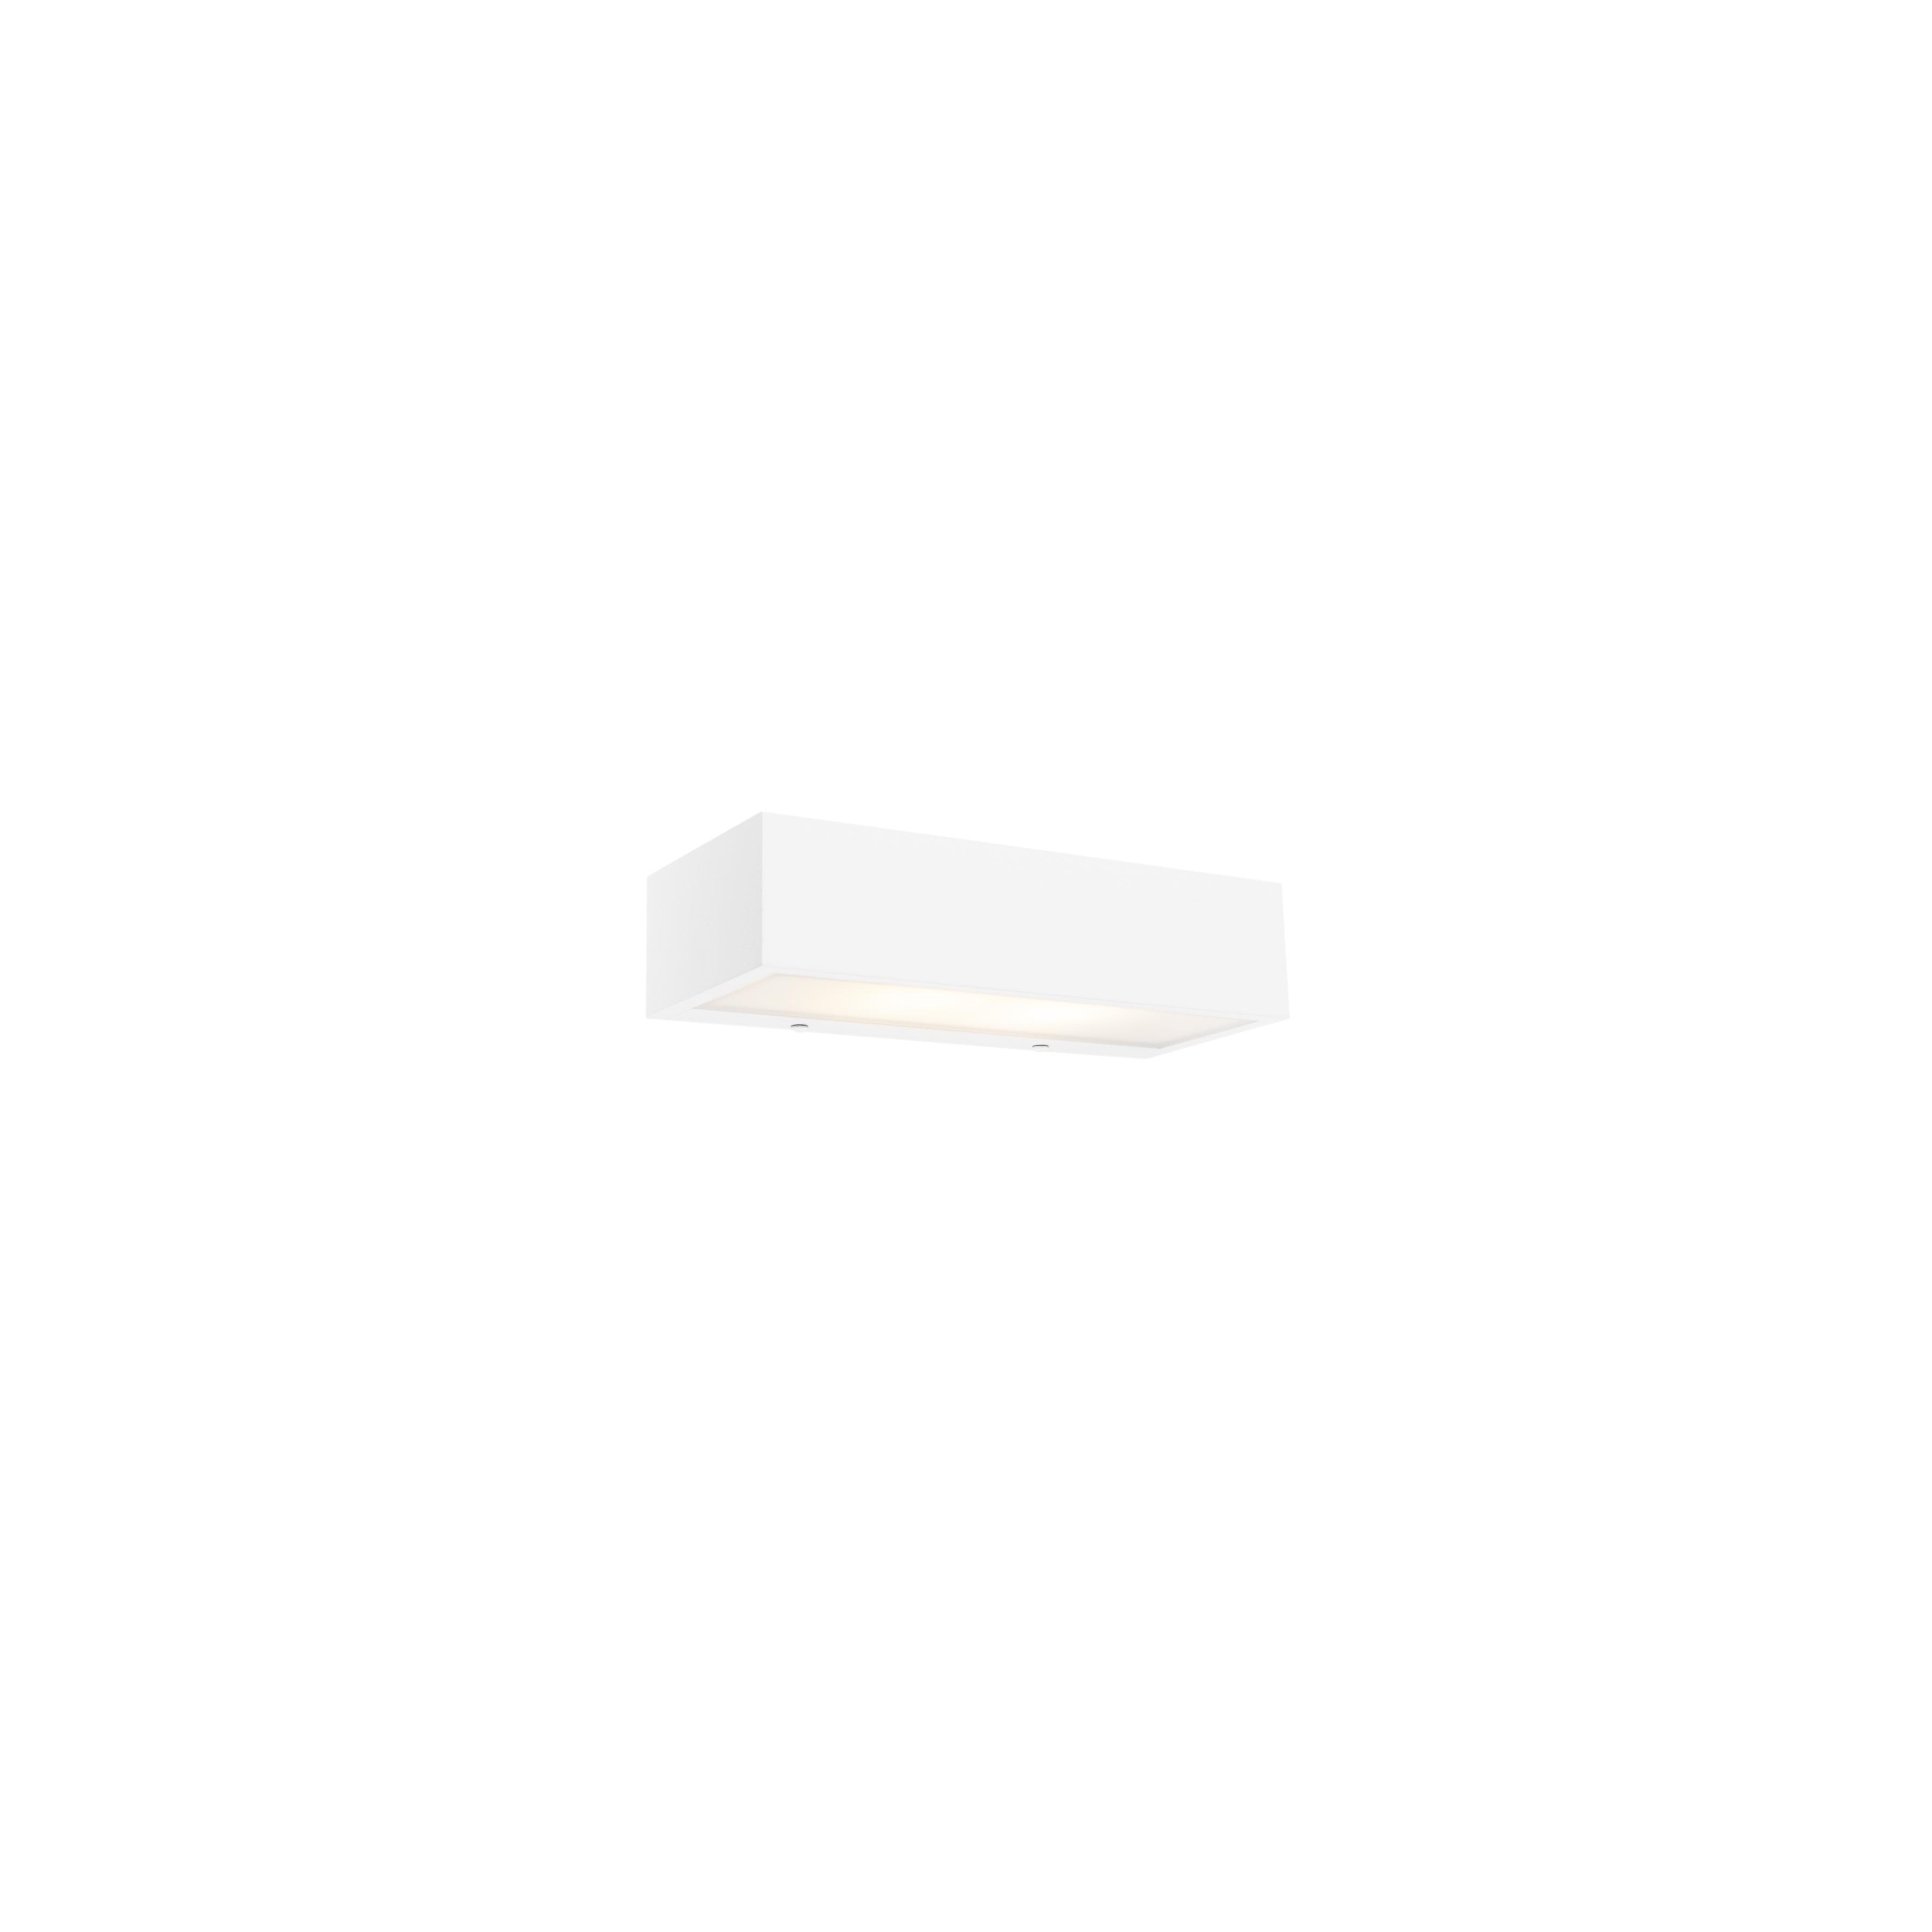 Designerski kinkiet podłużny biały 25cm - Houx